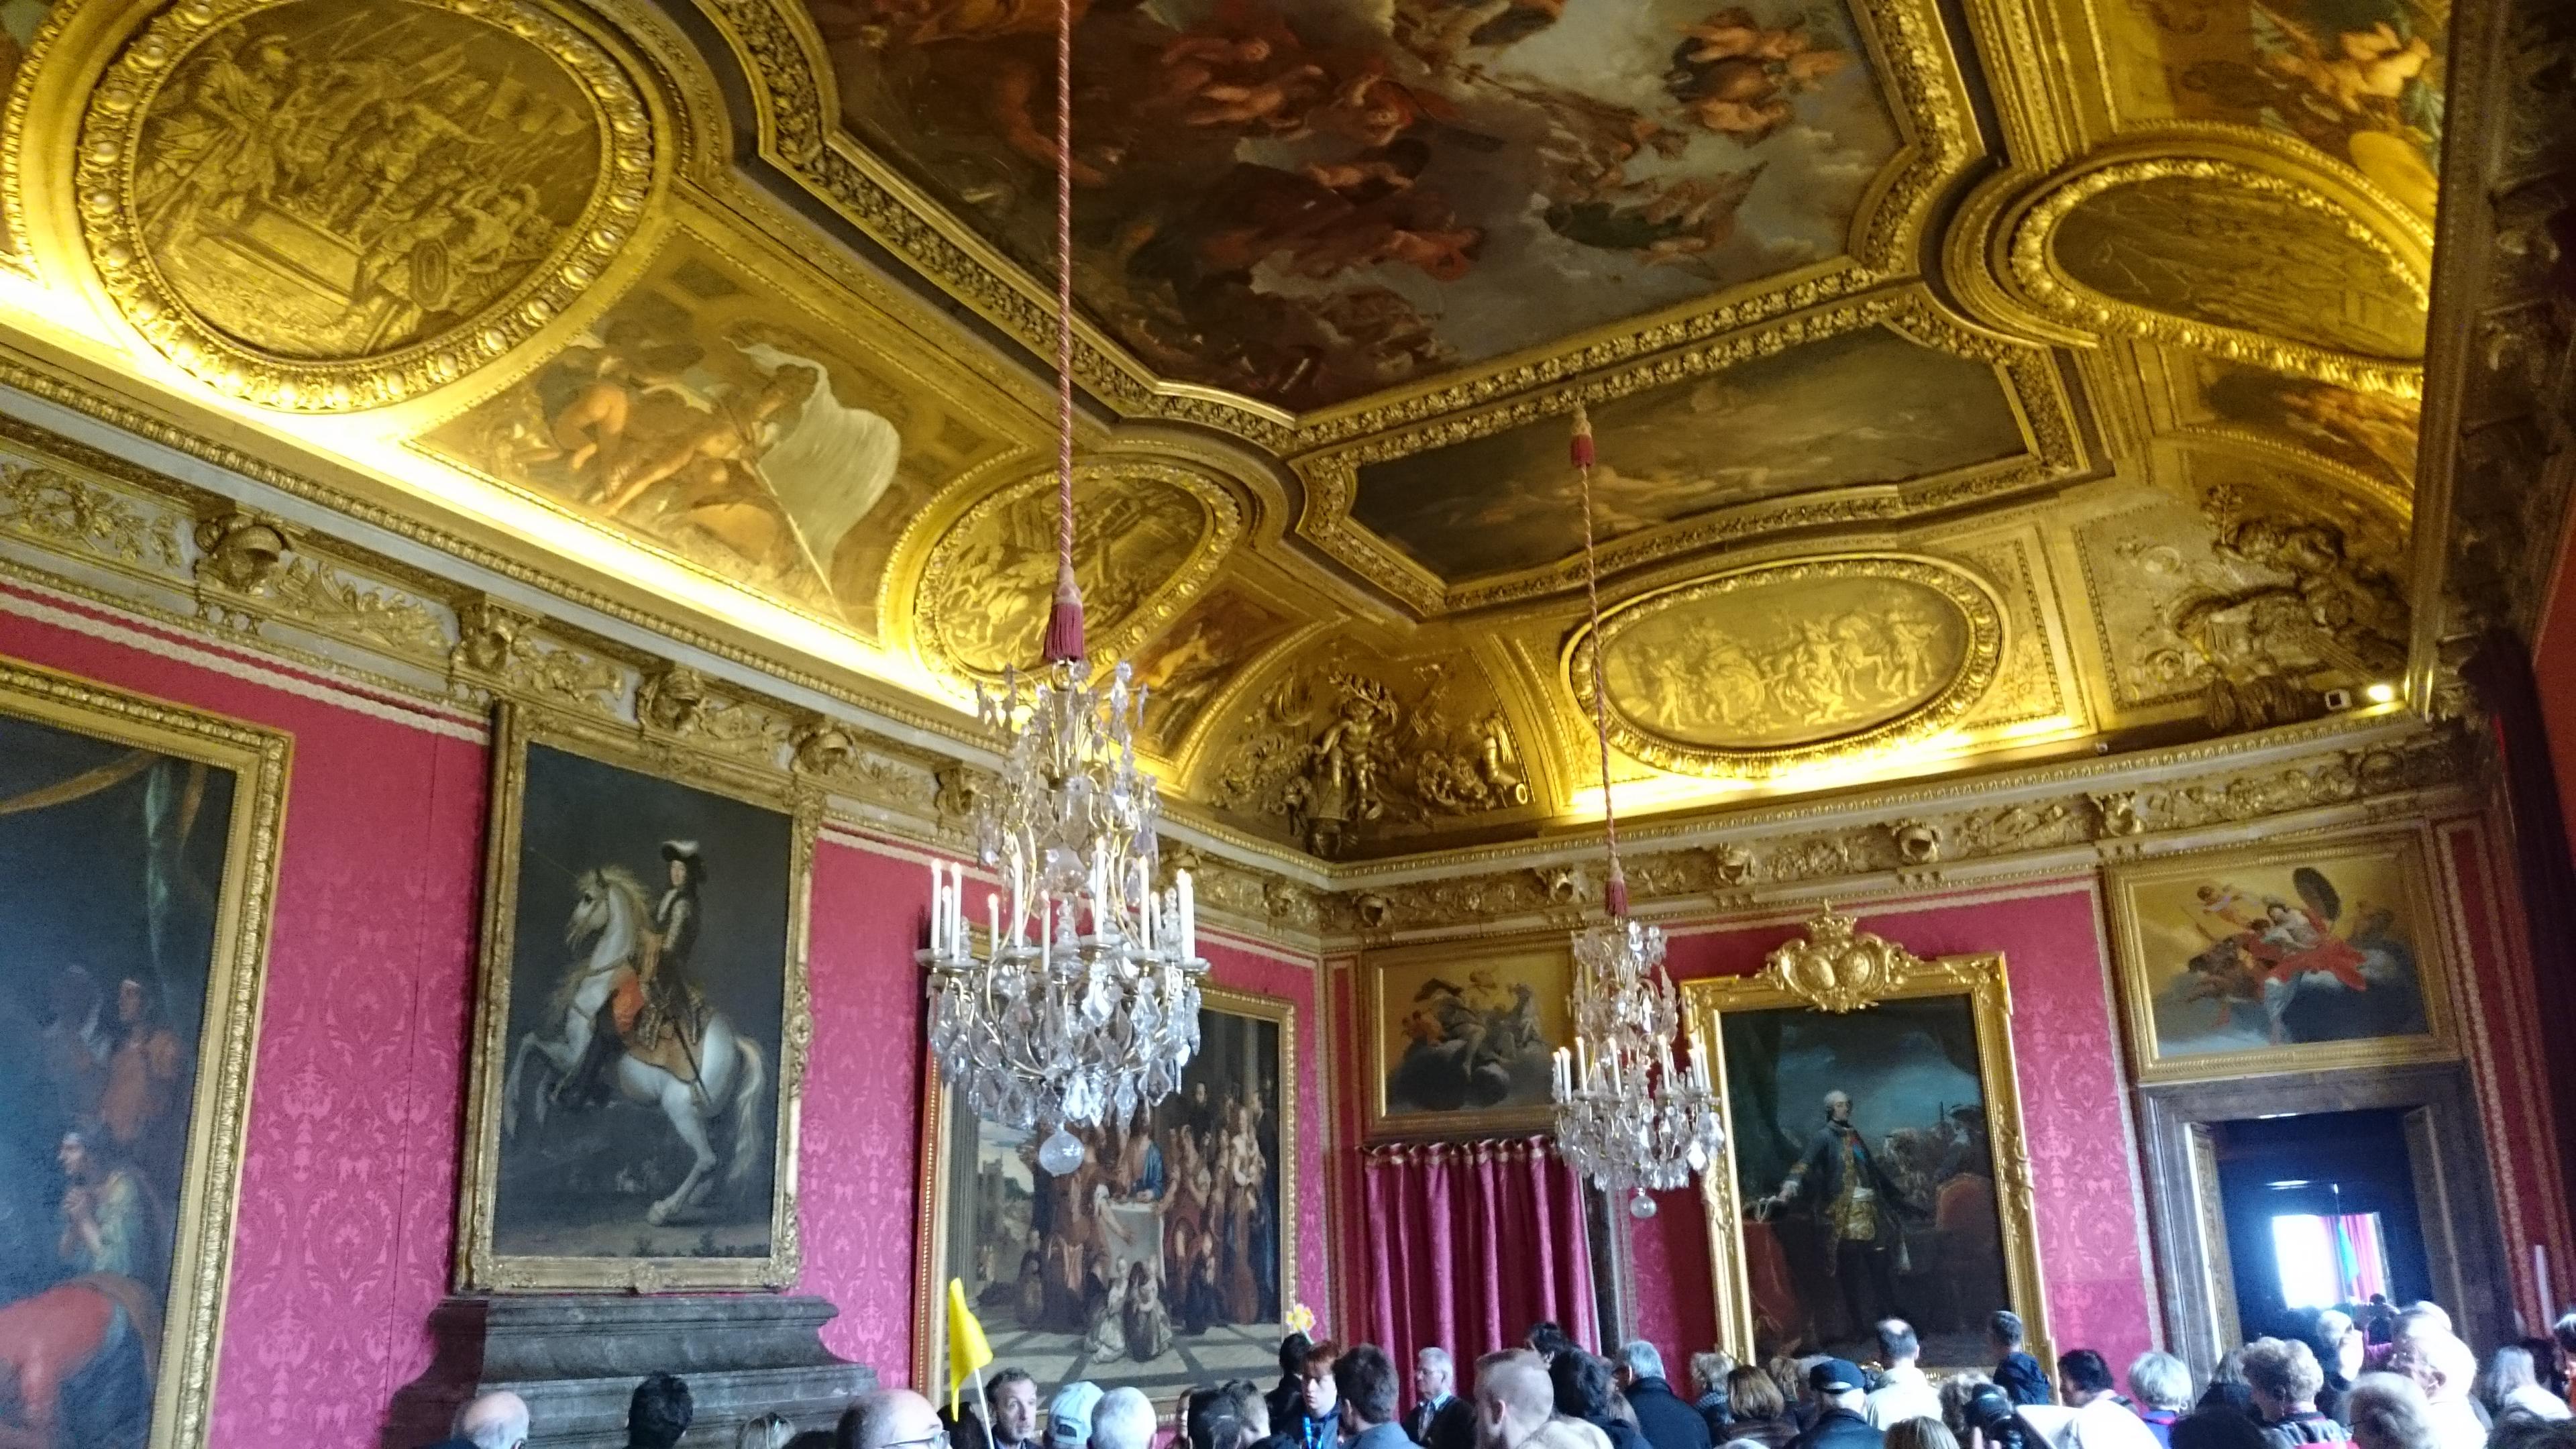 dsc 13481 - Visita al Palacio de Versalles: Como ir, cuanto cuesta y tips III/III